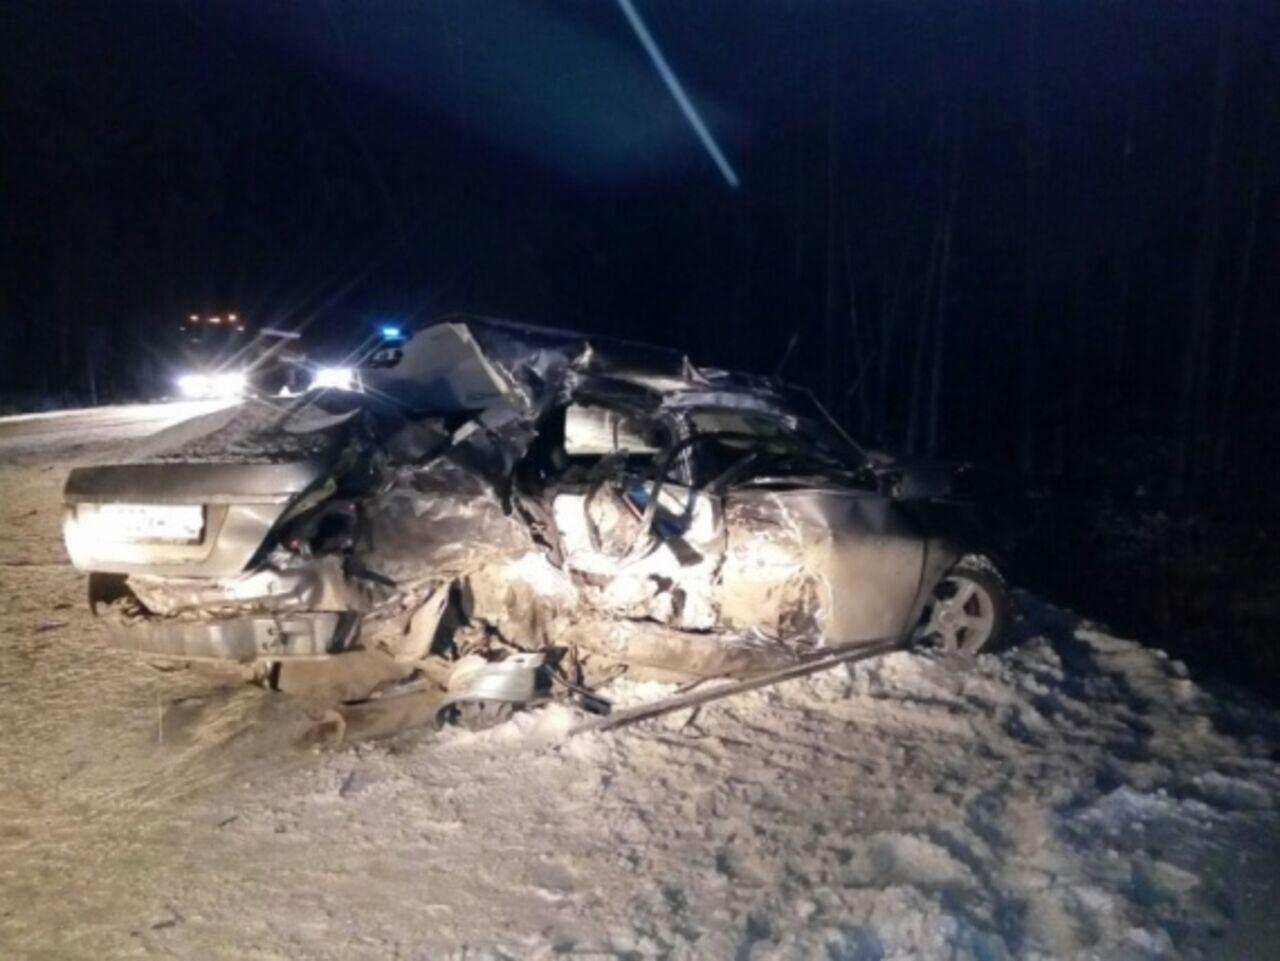 Сургут вХМАО: Дорожная авария парализовала движение натрассе Нефтеюганск